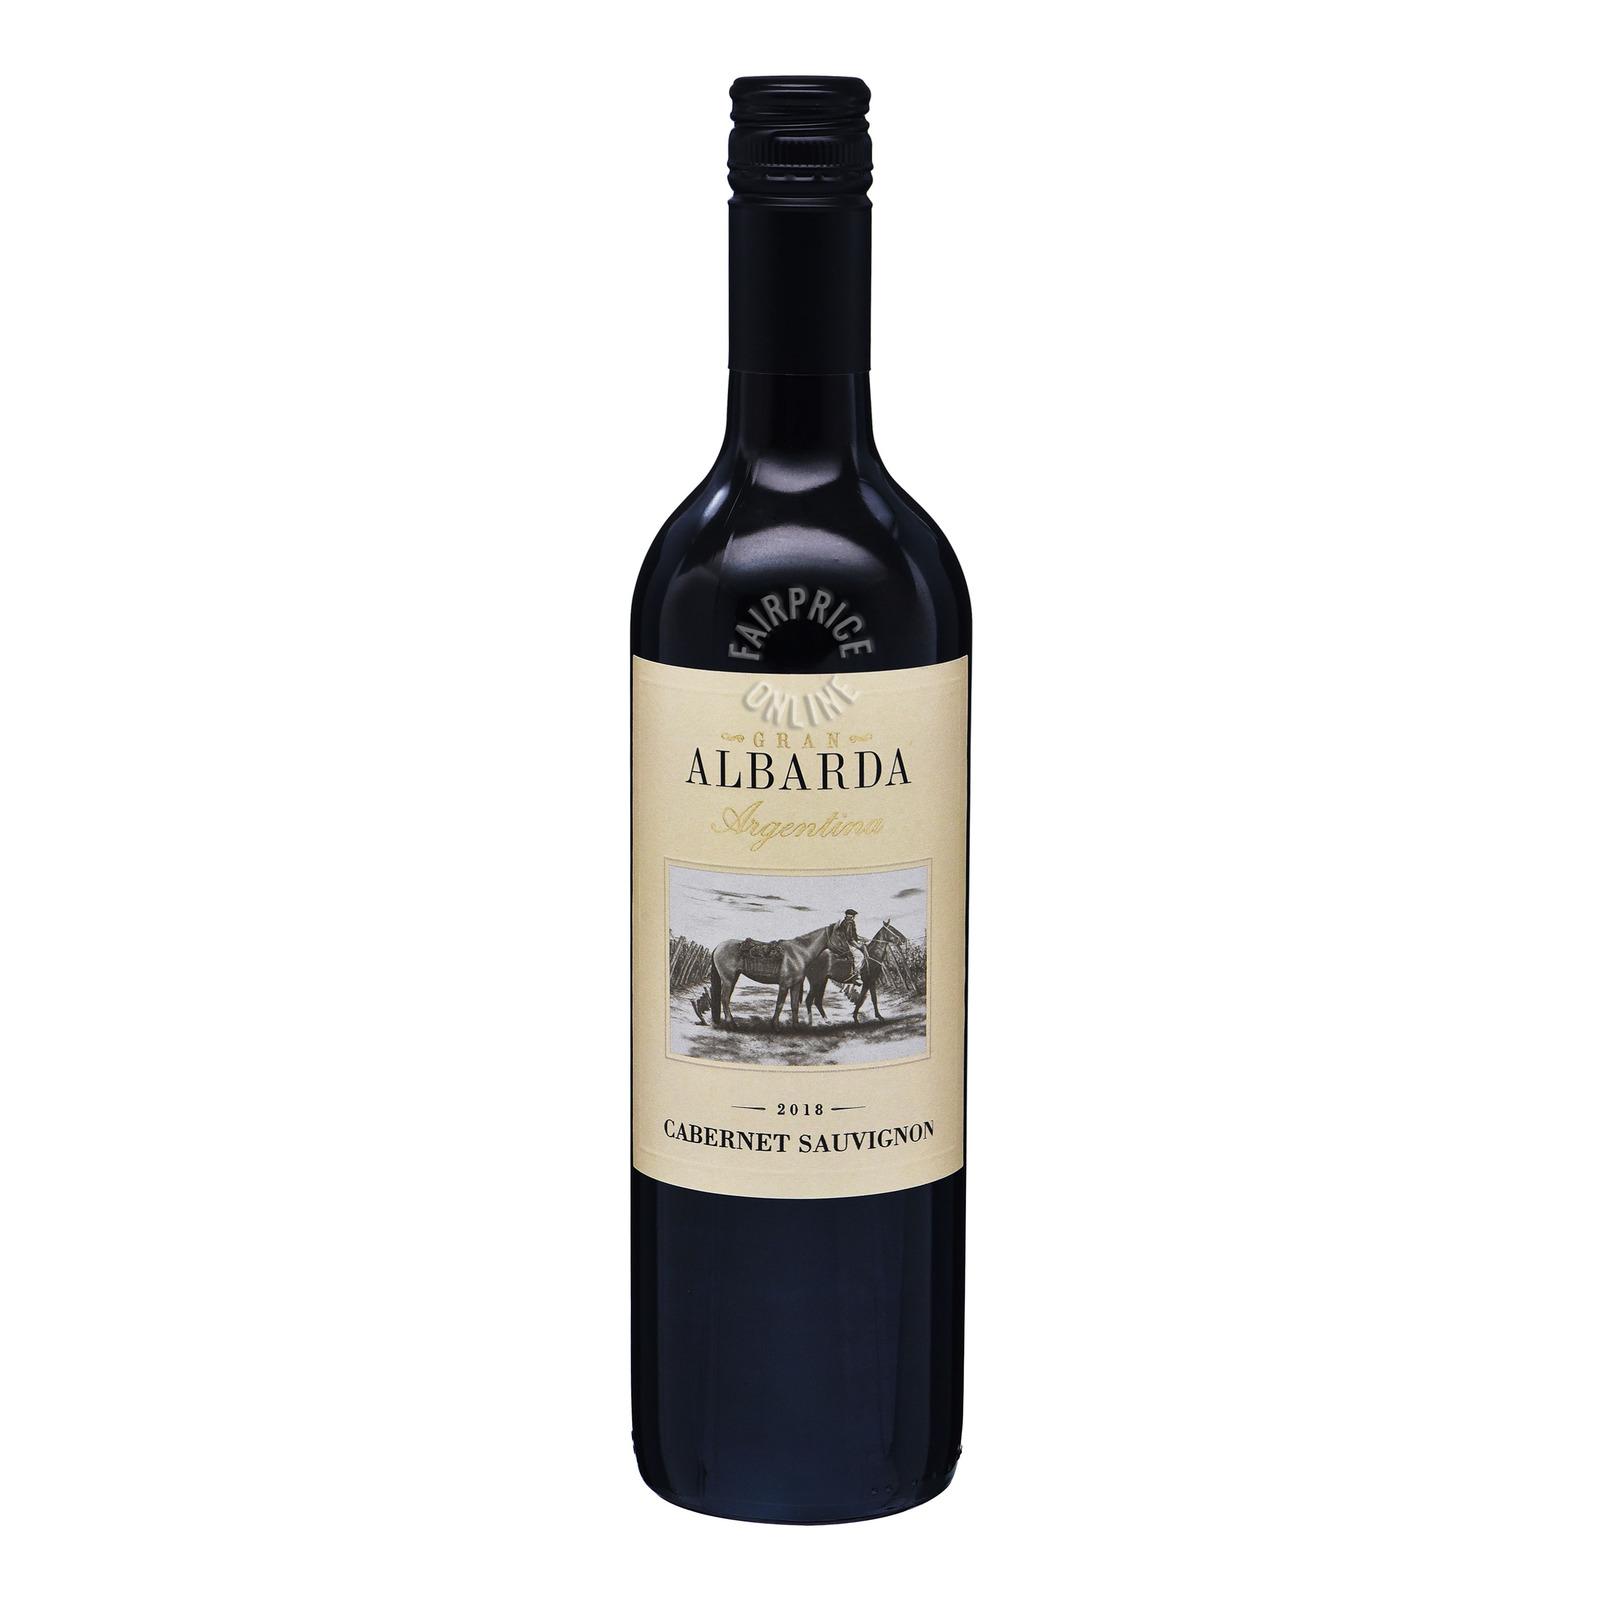 Gran Albarda Red Wine - Cabernet Sauvignon